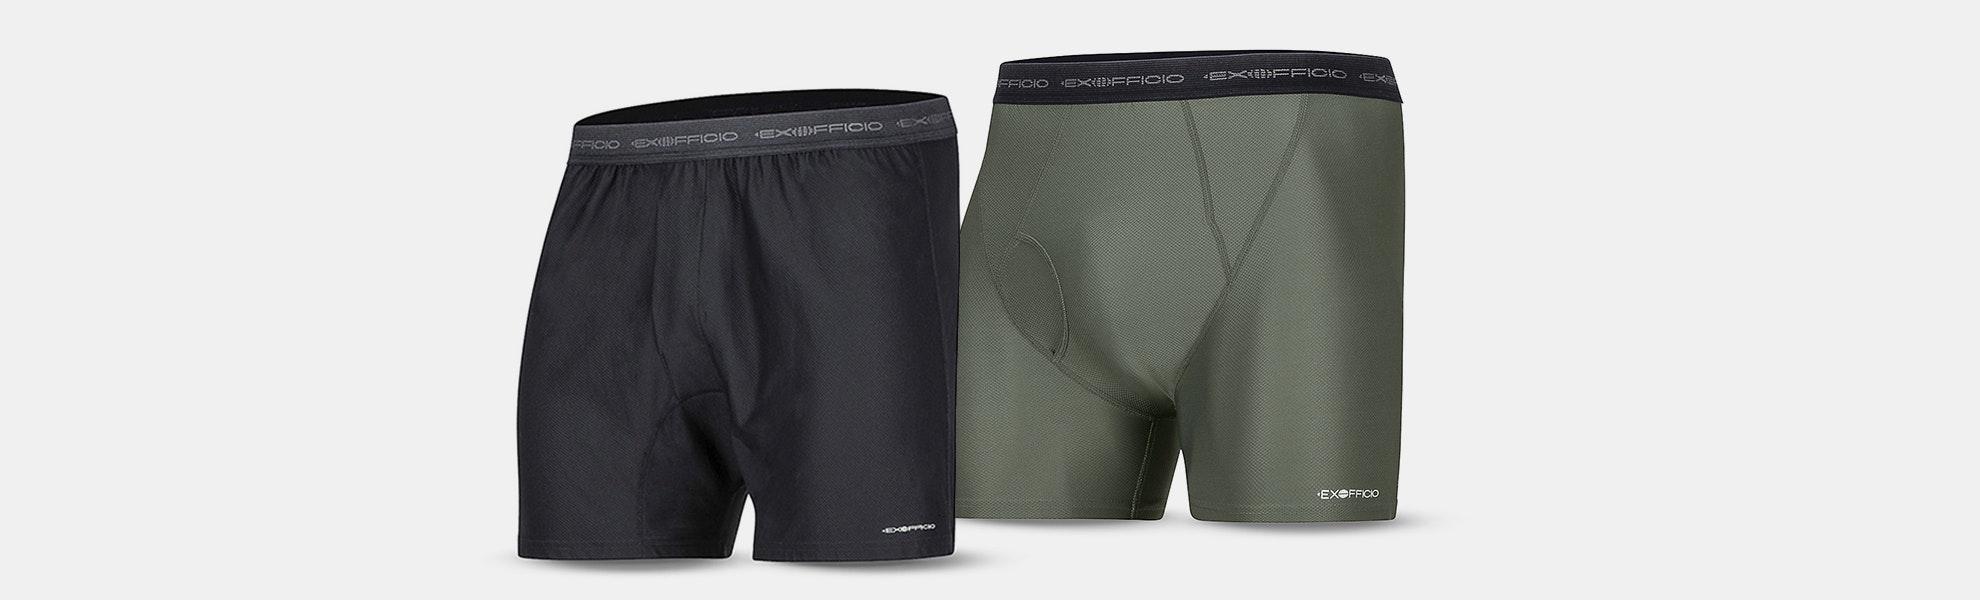 ExOfficio Men's Give-N-Go Underwear (2-Pack)